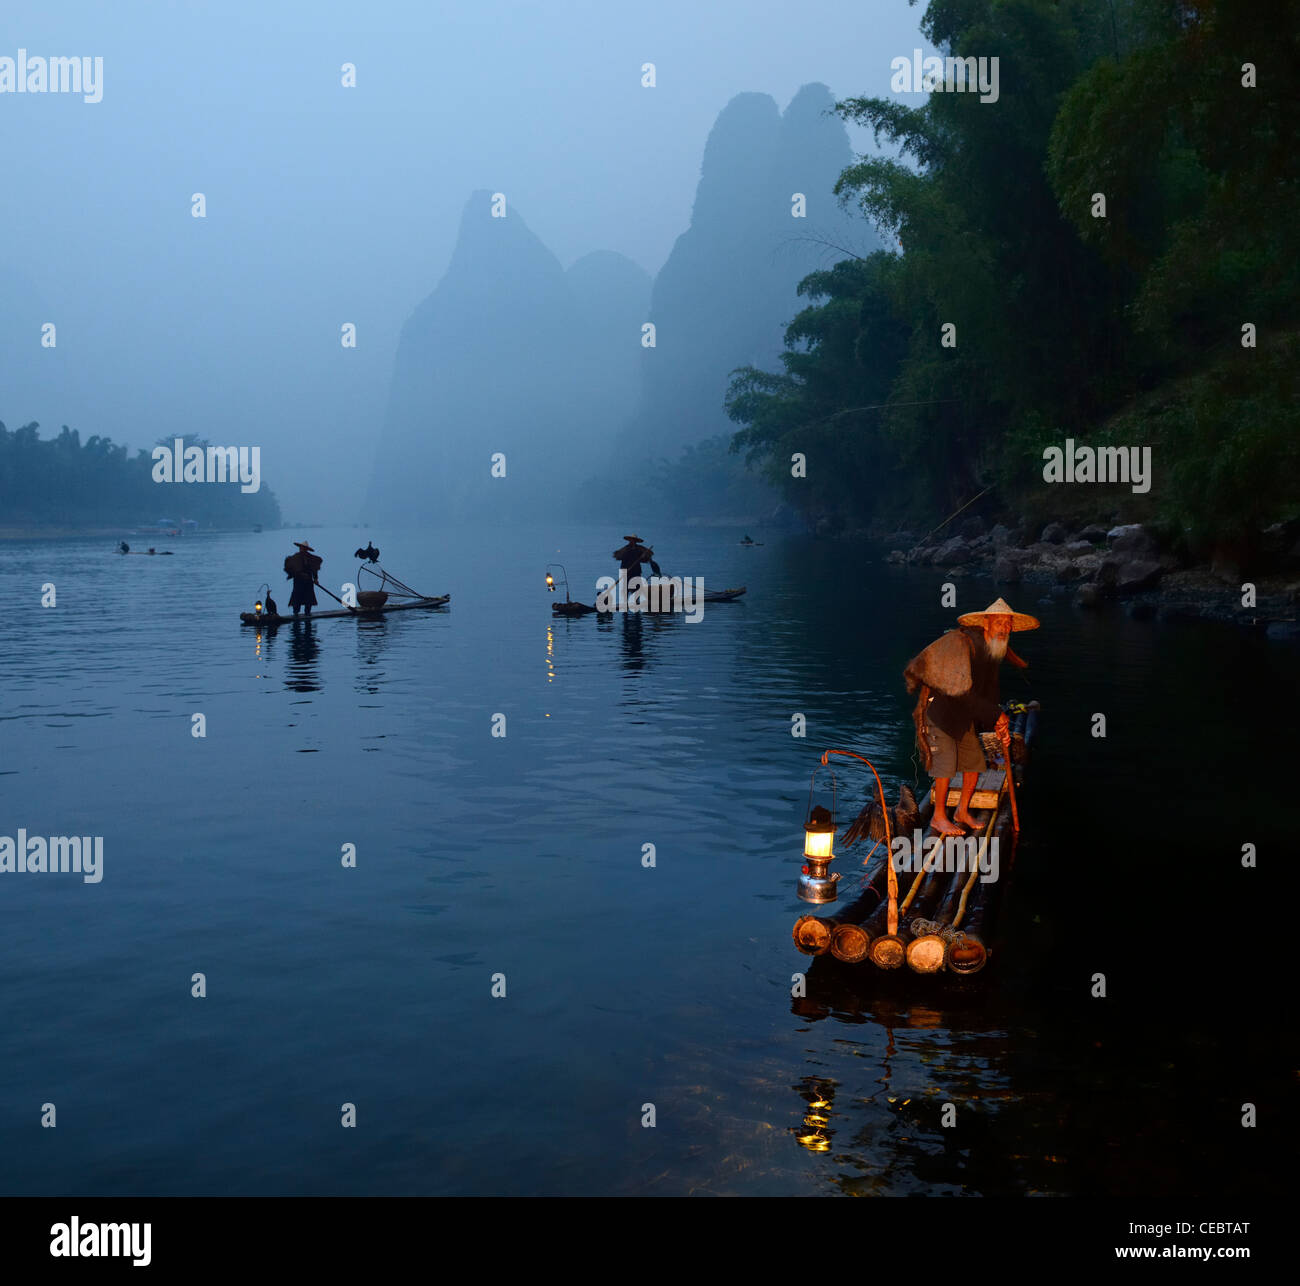 Early morning Cormorant fishermen on bamboo rafts on Li river near Xingpingzhen Yangshuo, Guilin, Guangxi China Stock Photo